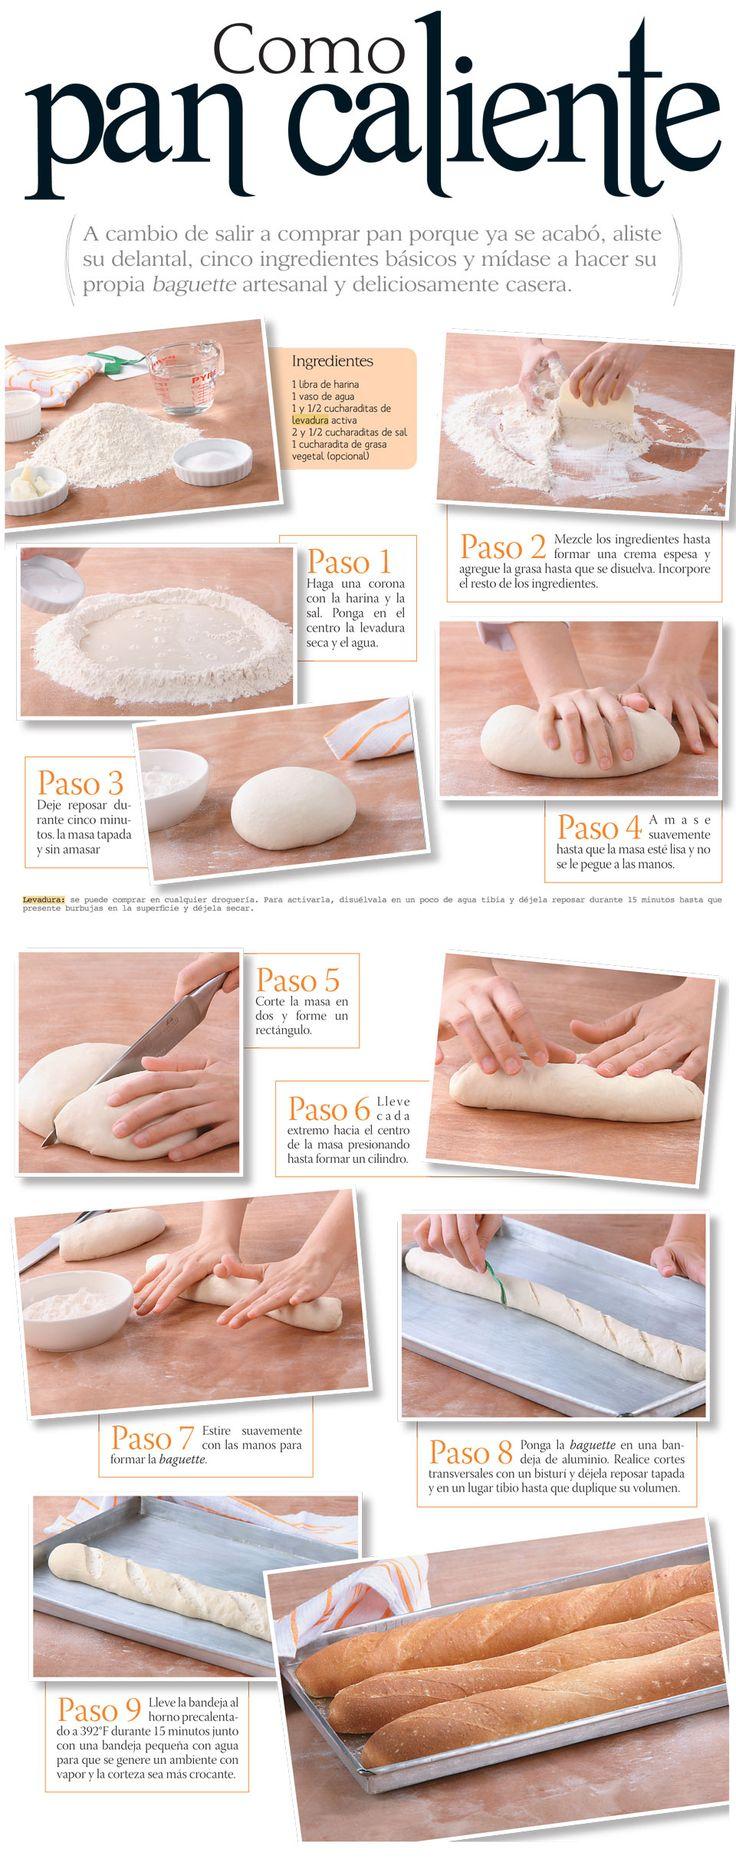 Cómo preparar pan en casa. Pinterest ;) | https://pinterest.com/cocinadosiempre